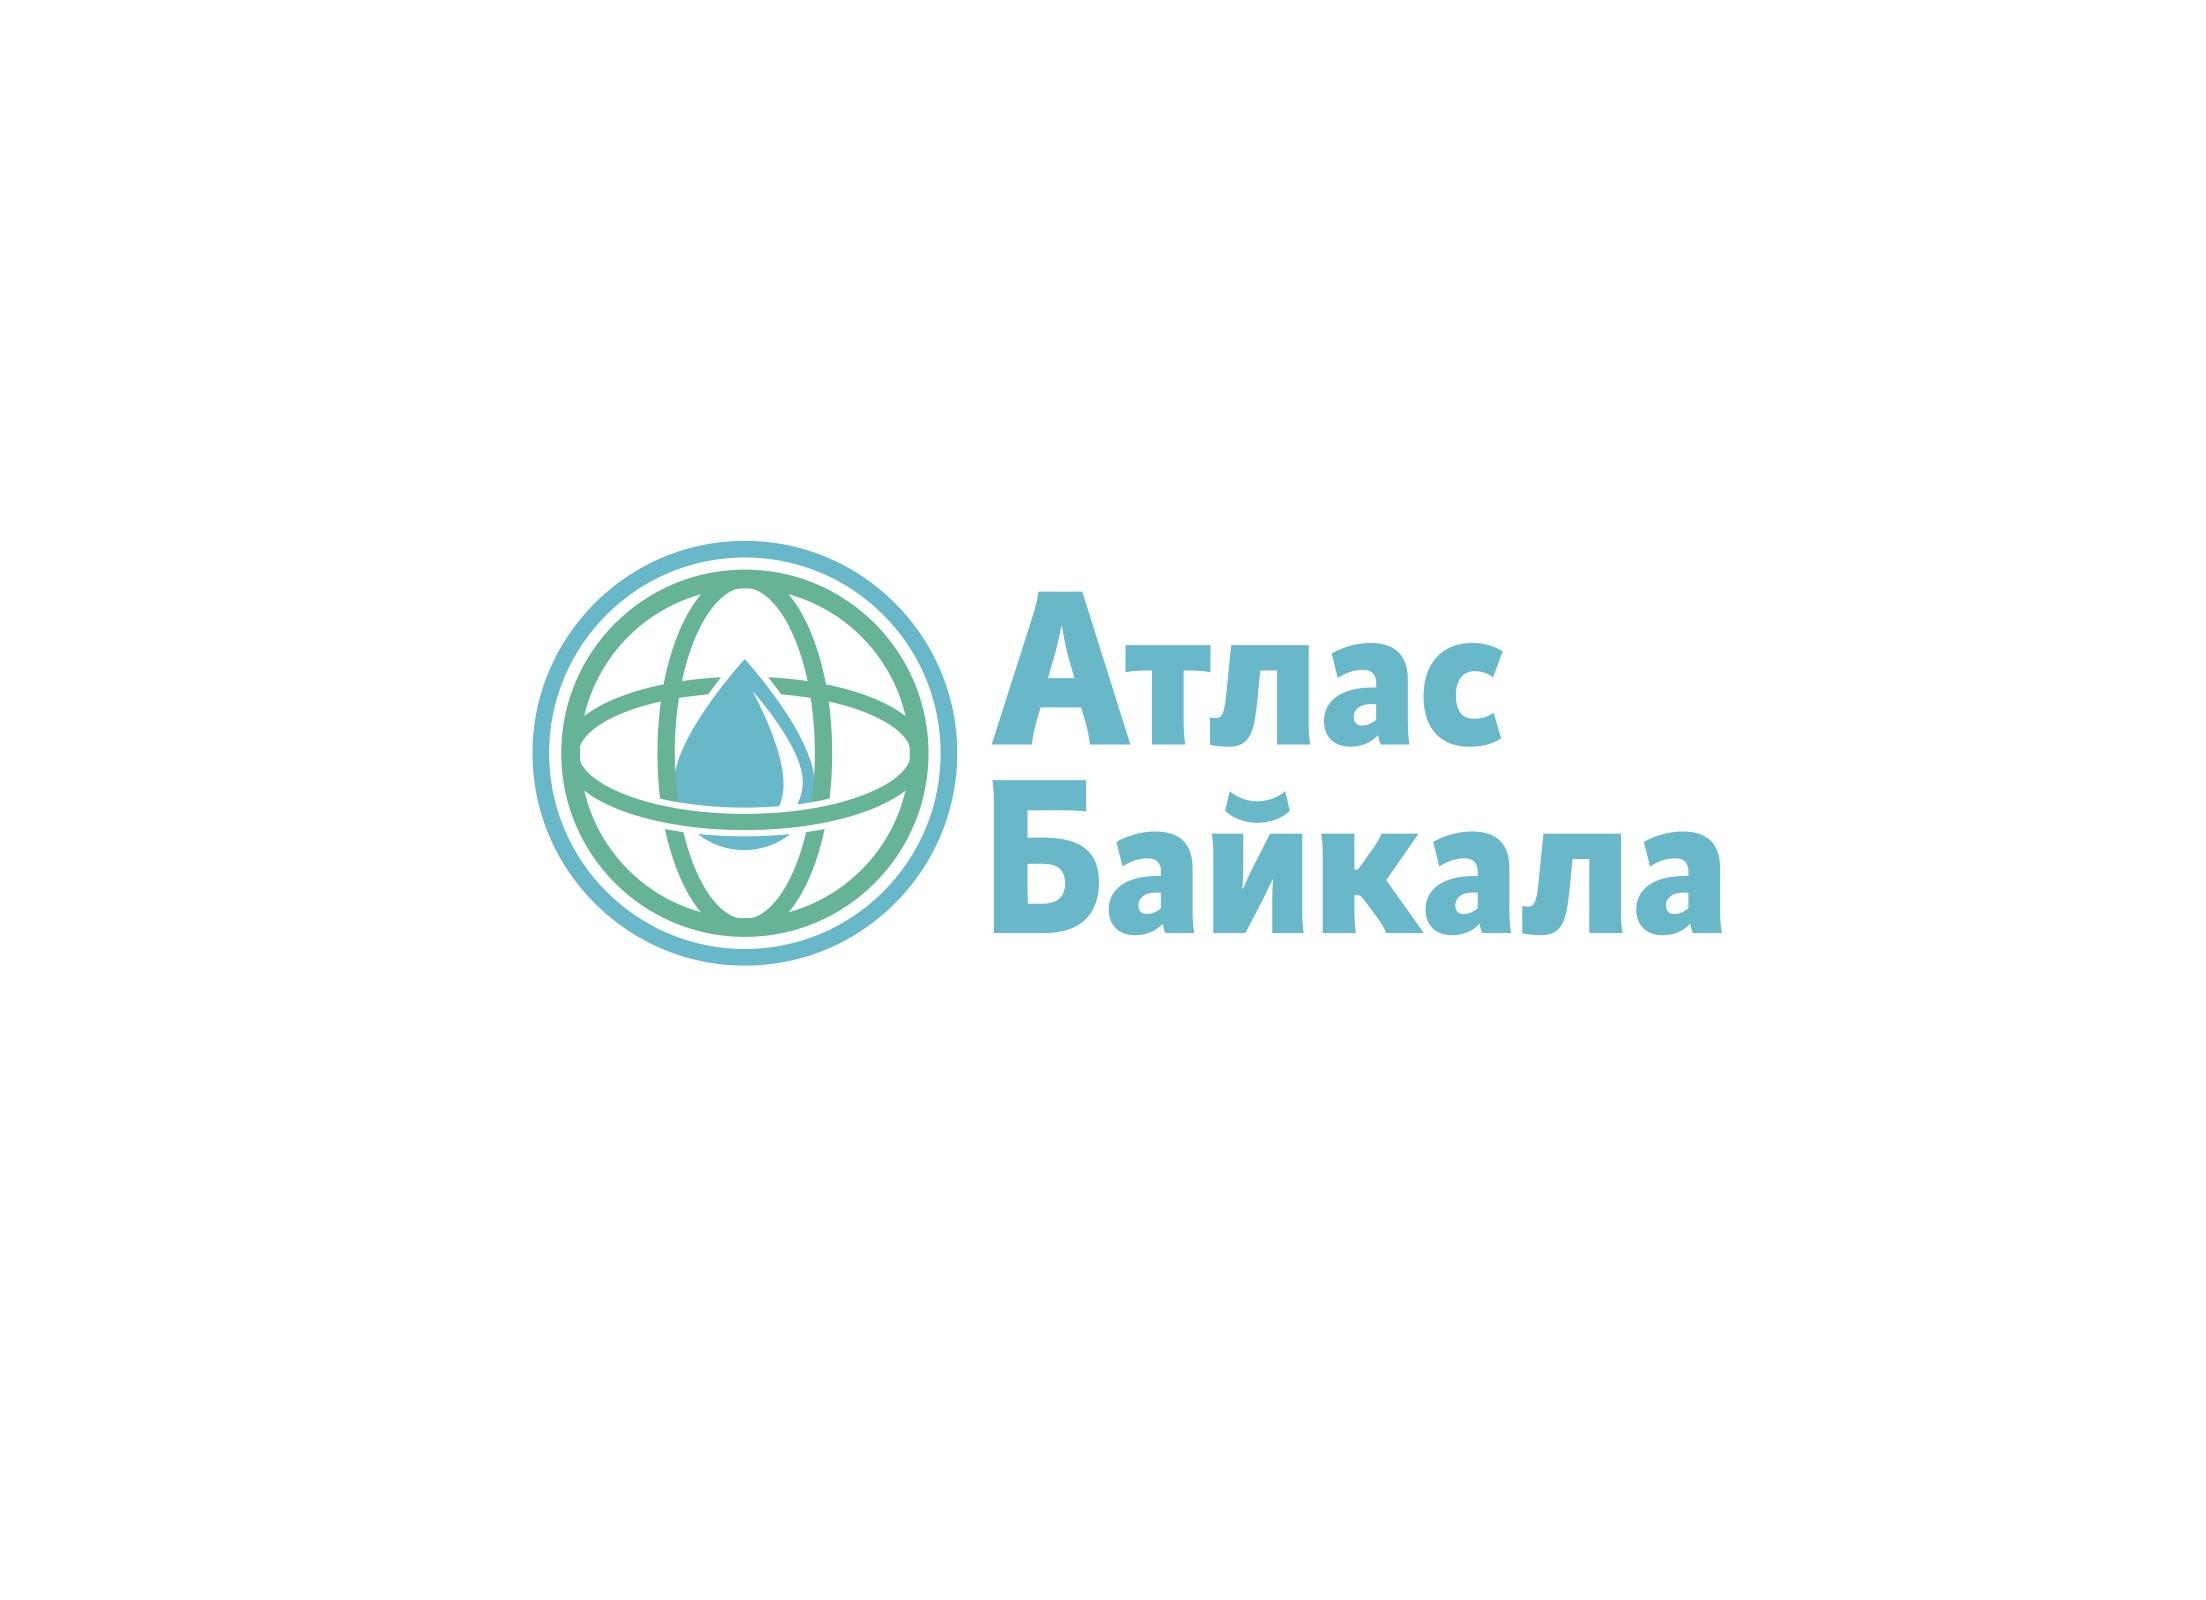 Разработка логотипа Атлас Байкала фото f_1845b05083b0fbd1.jpg